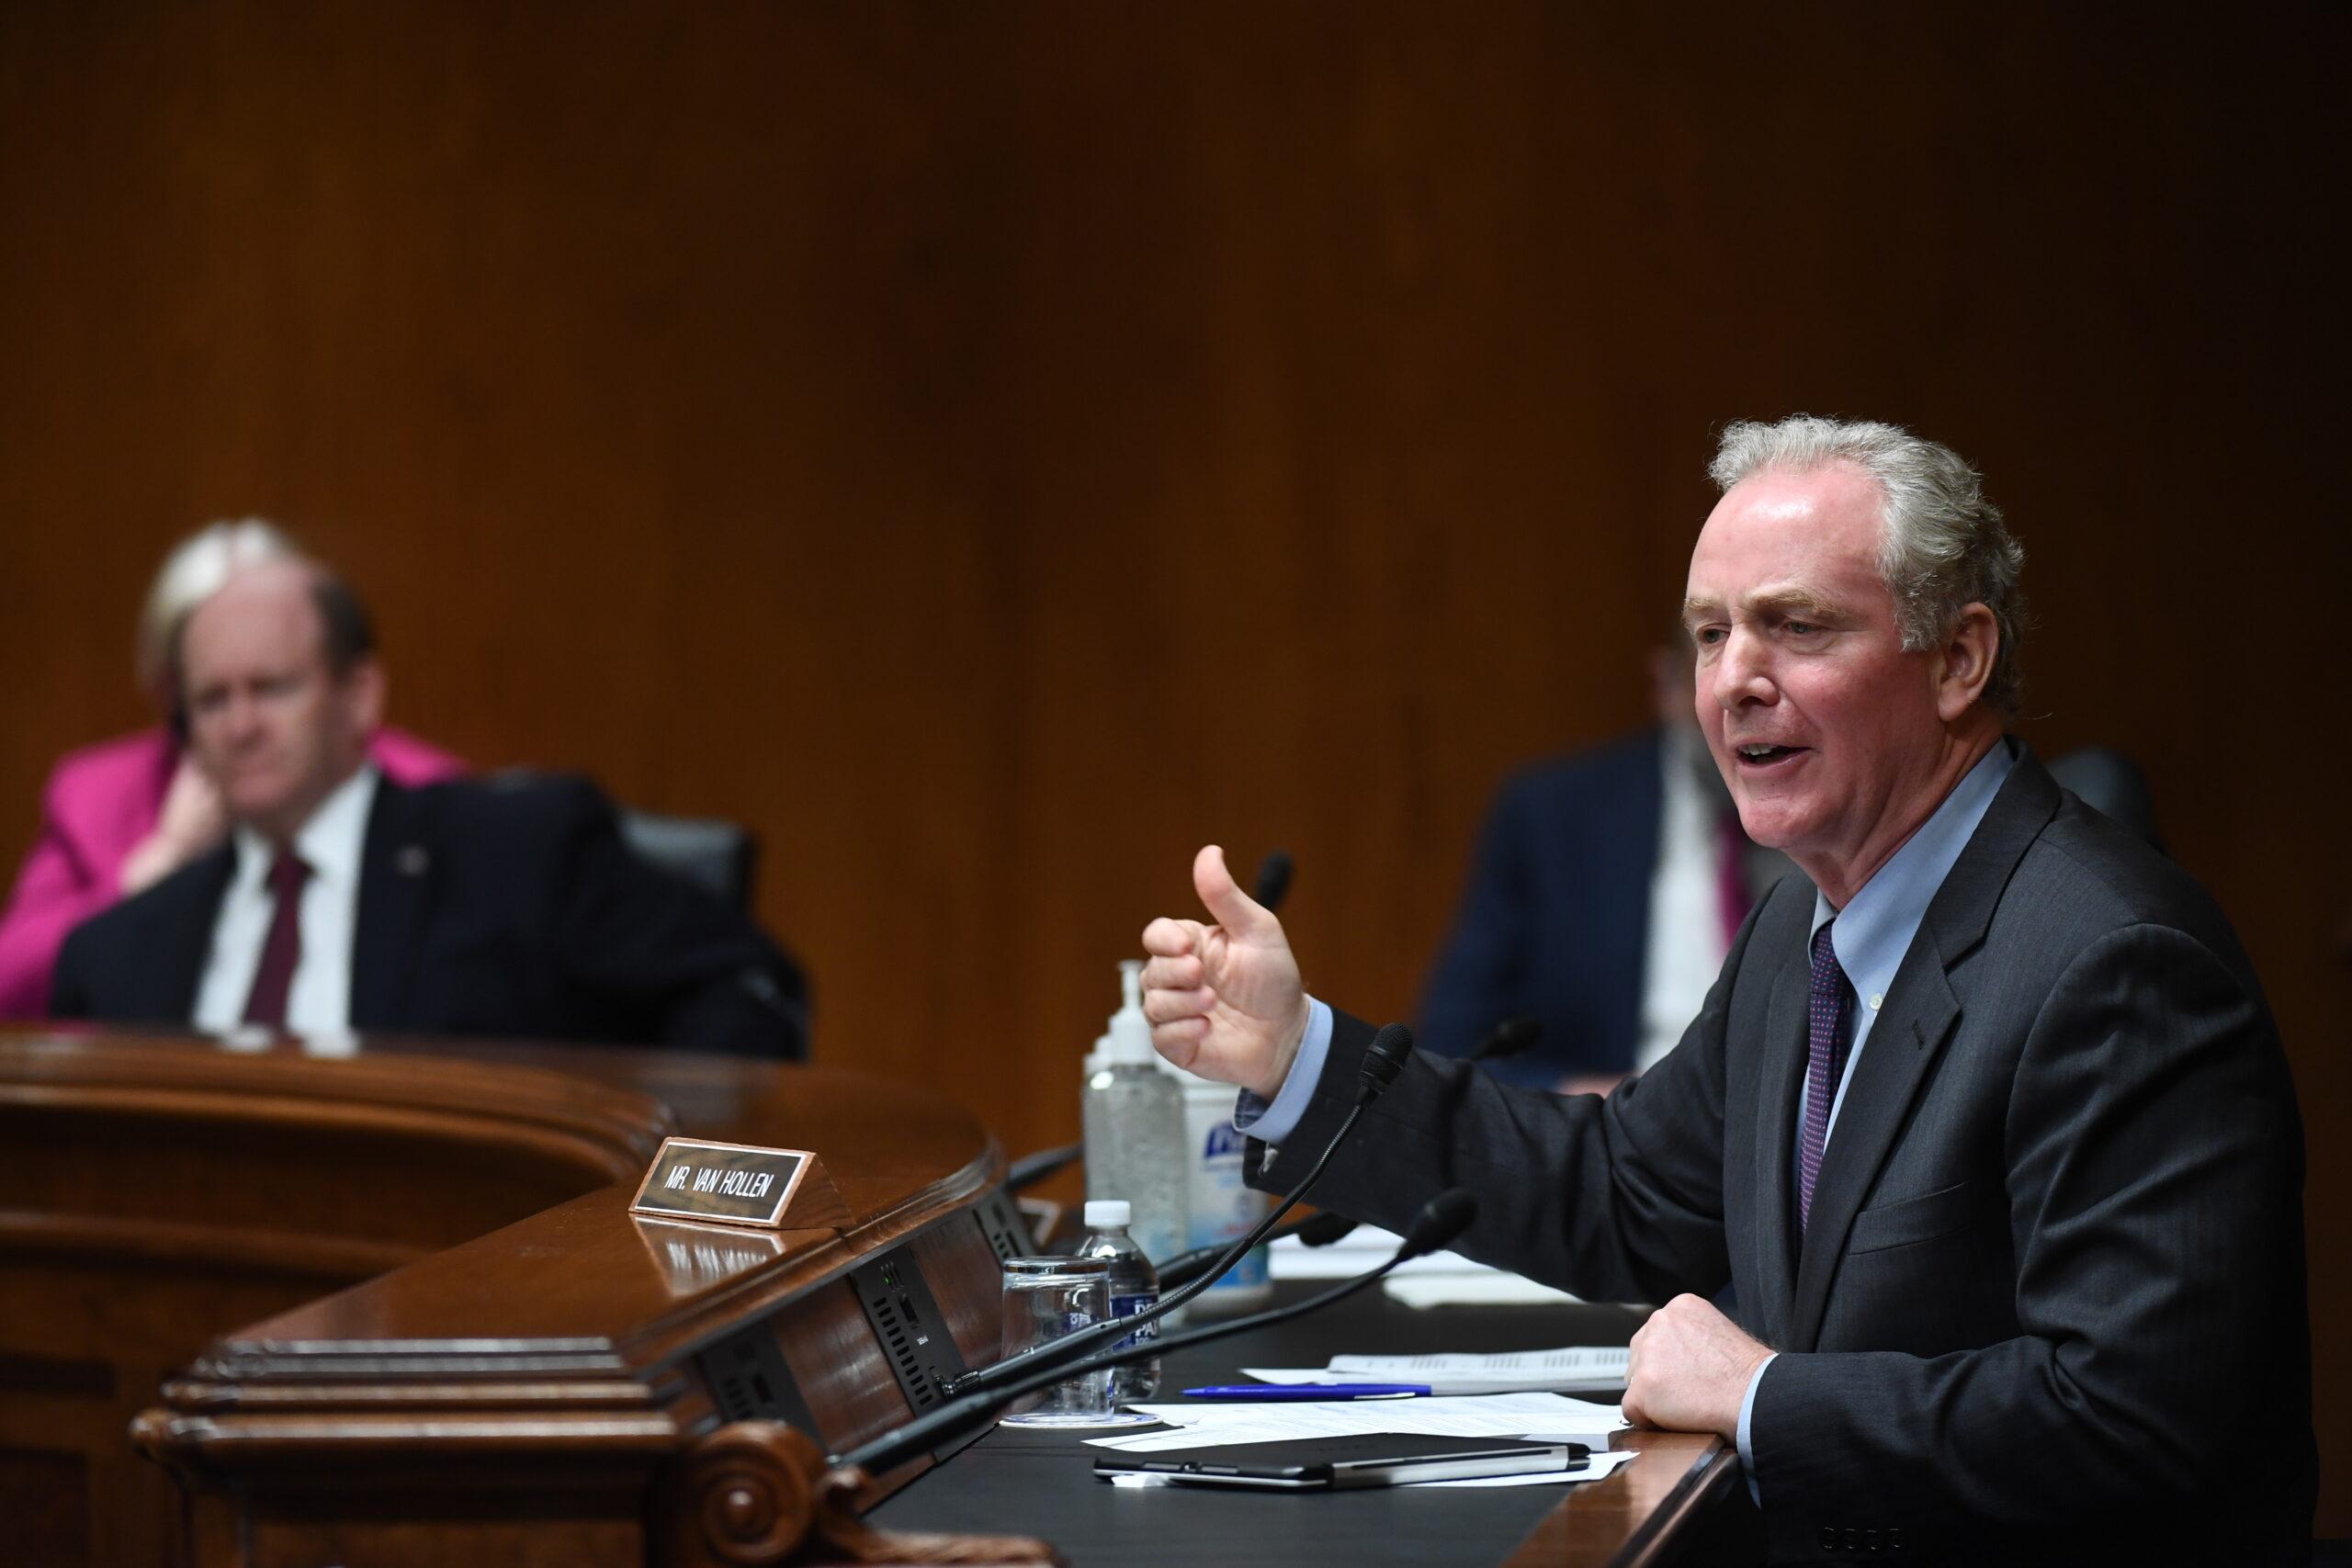 Demokrata szenátorok törvénnyel gáncsolnák el az izraeli annektálási terveket